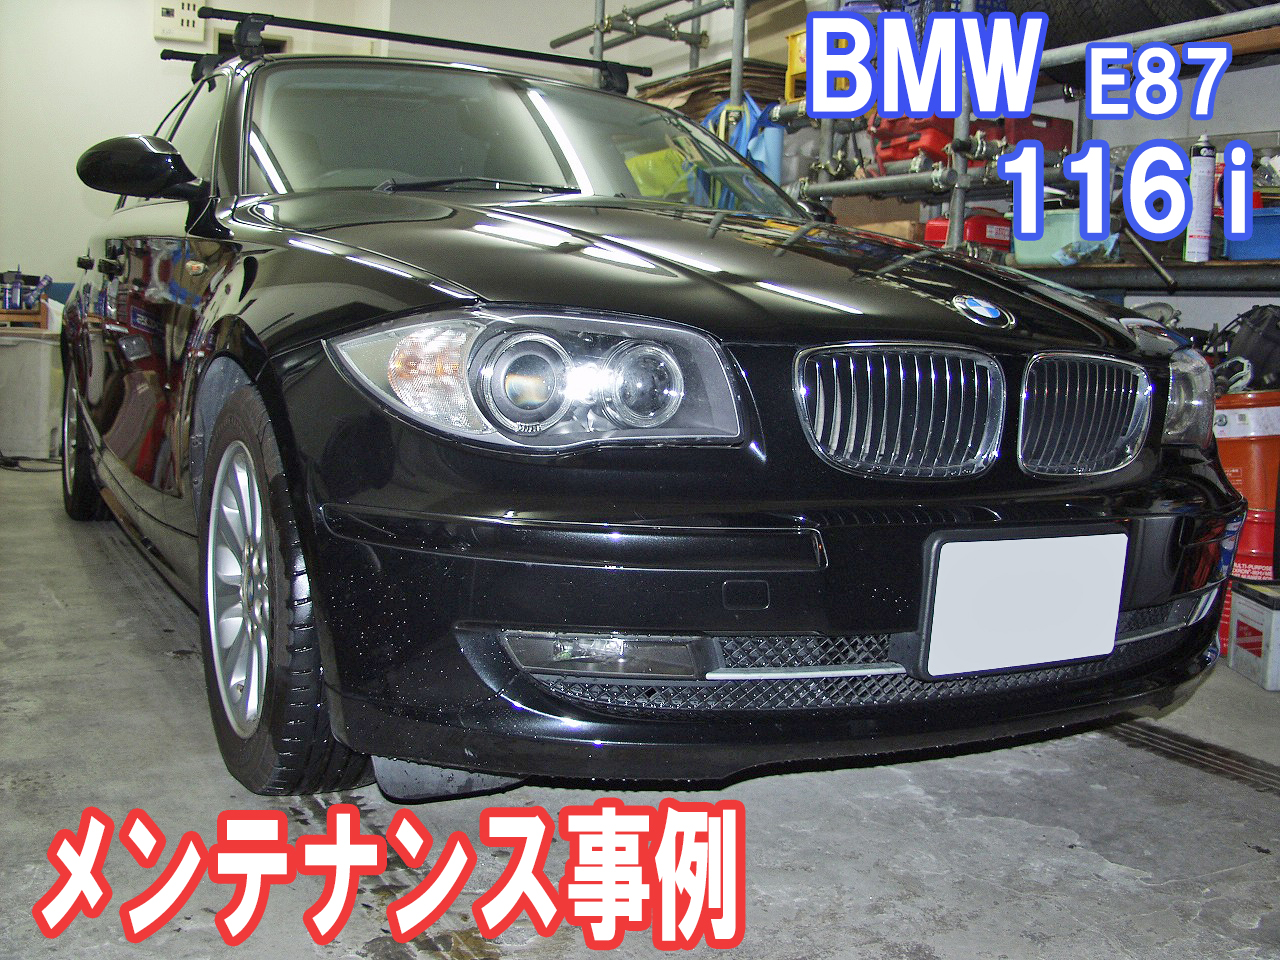 BMW E87 116i メンテナンス事例画像